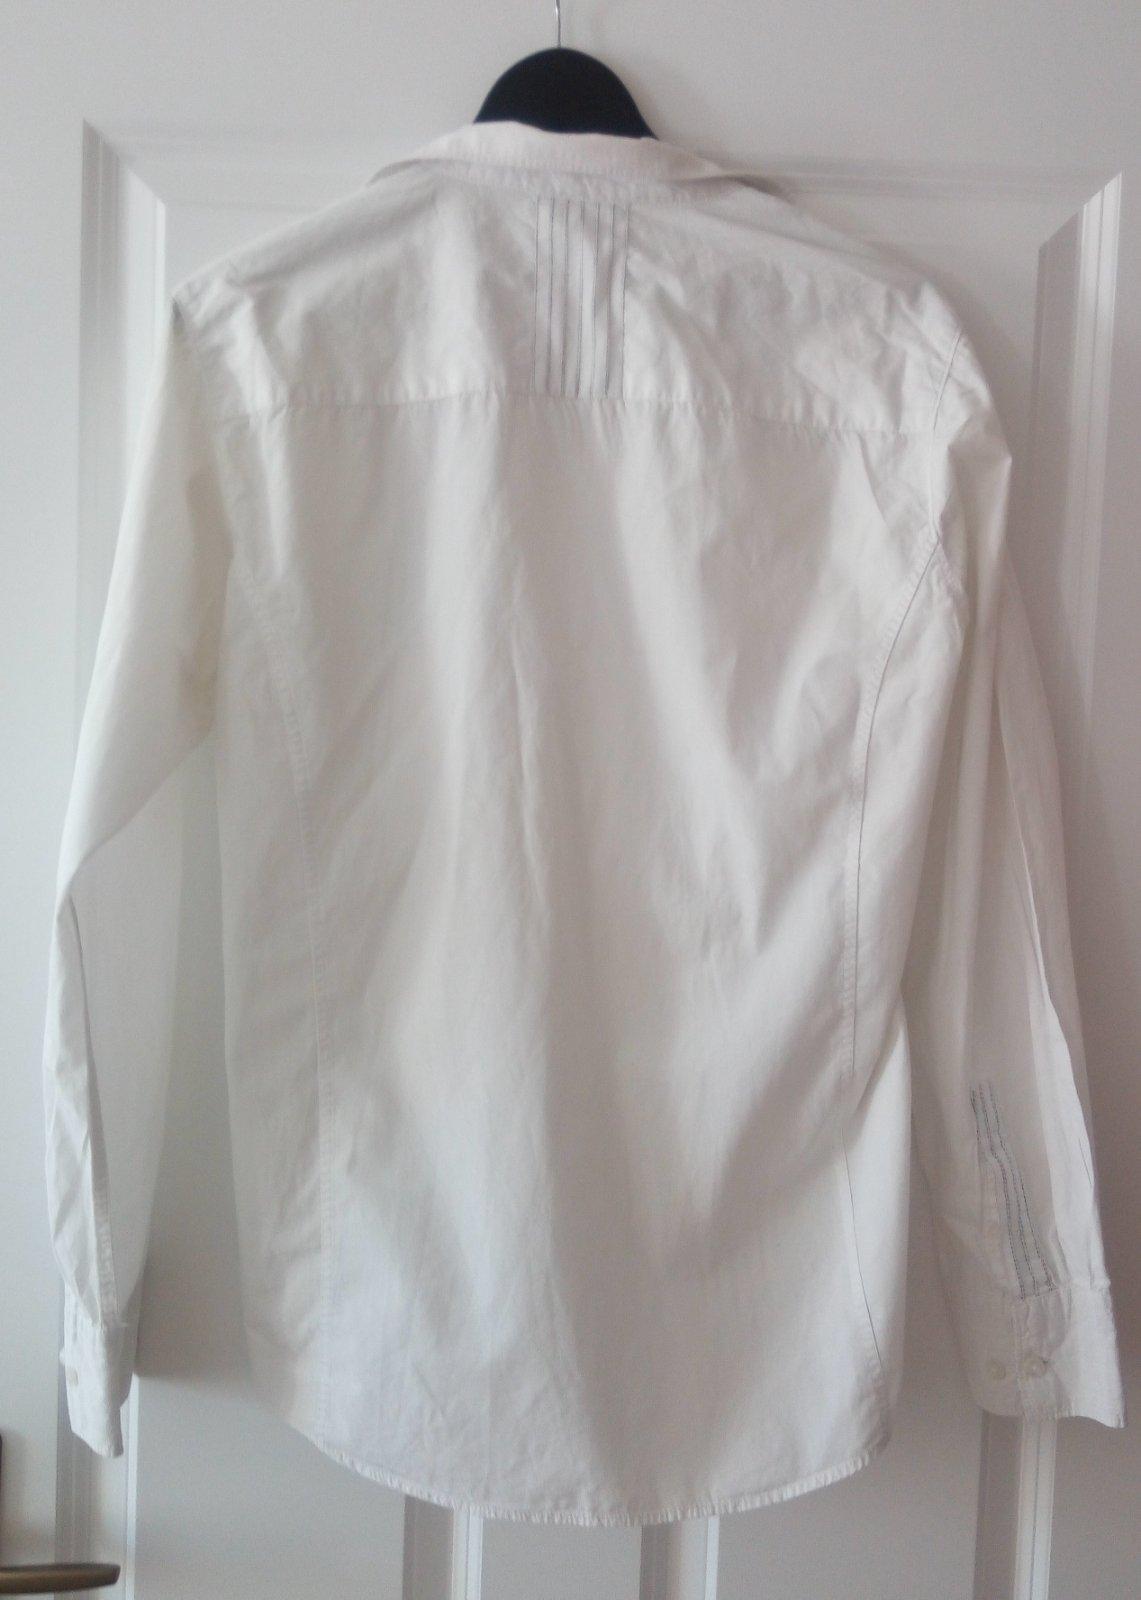 Biela pánska košeľa M, ponožky - Obrázok č. 2